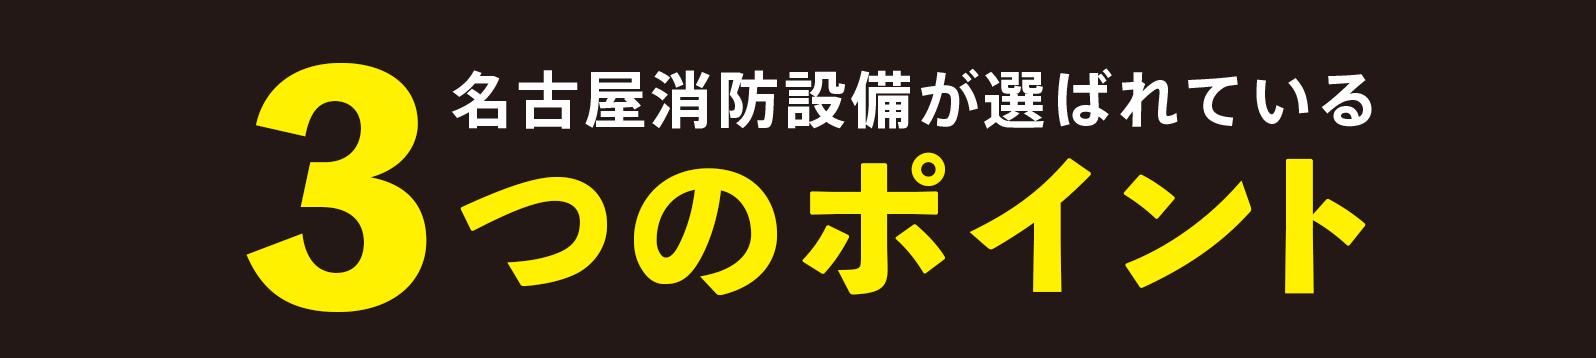 名古屋消防設備が選ばれている3つのポイント